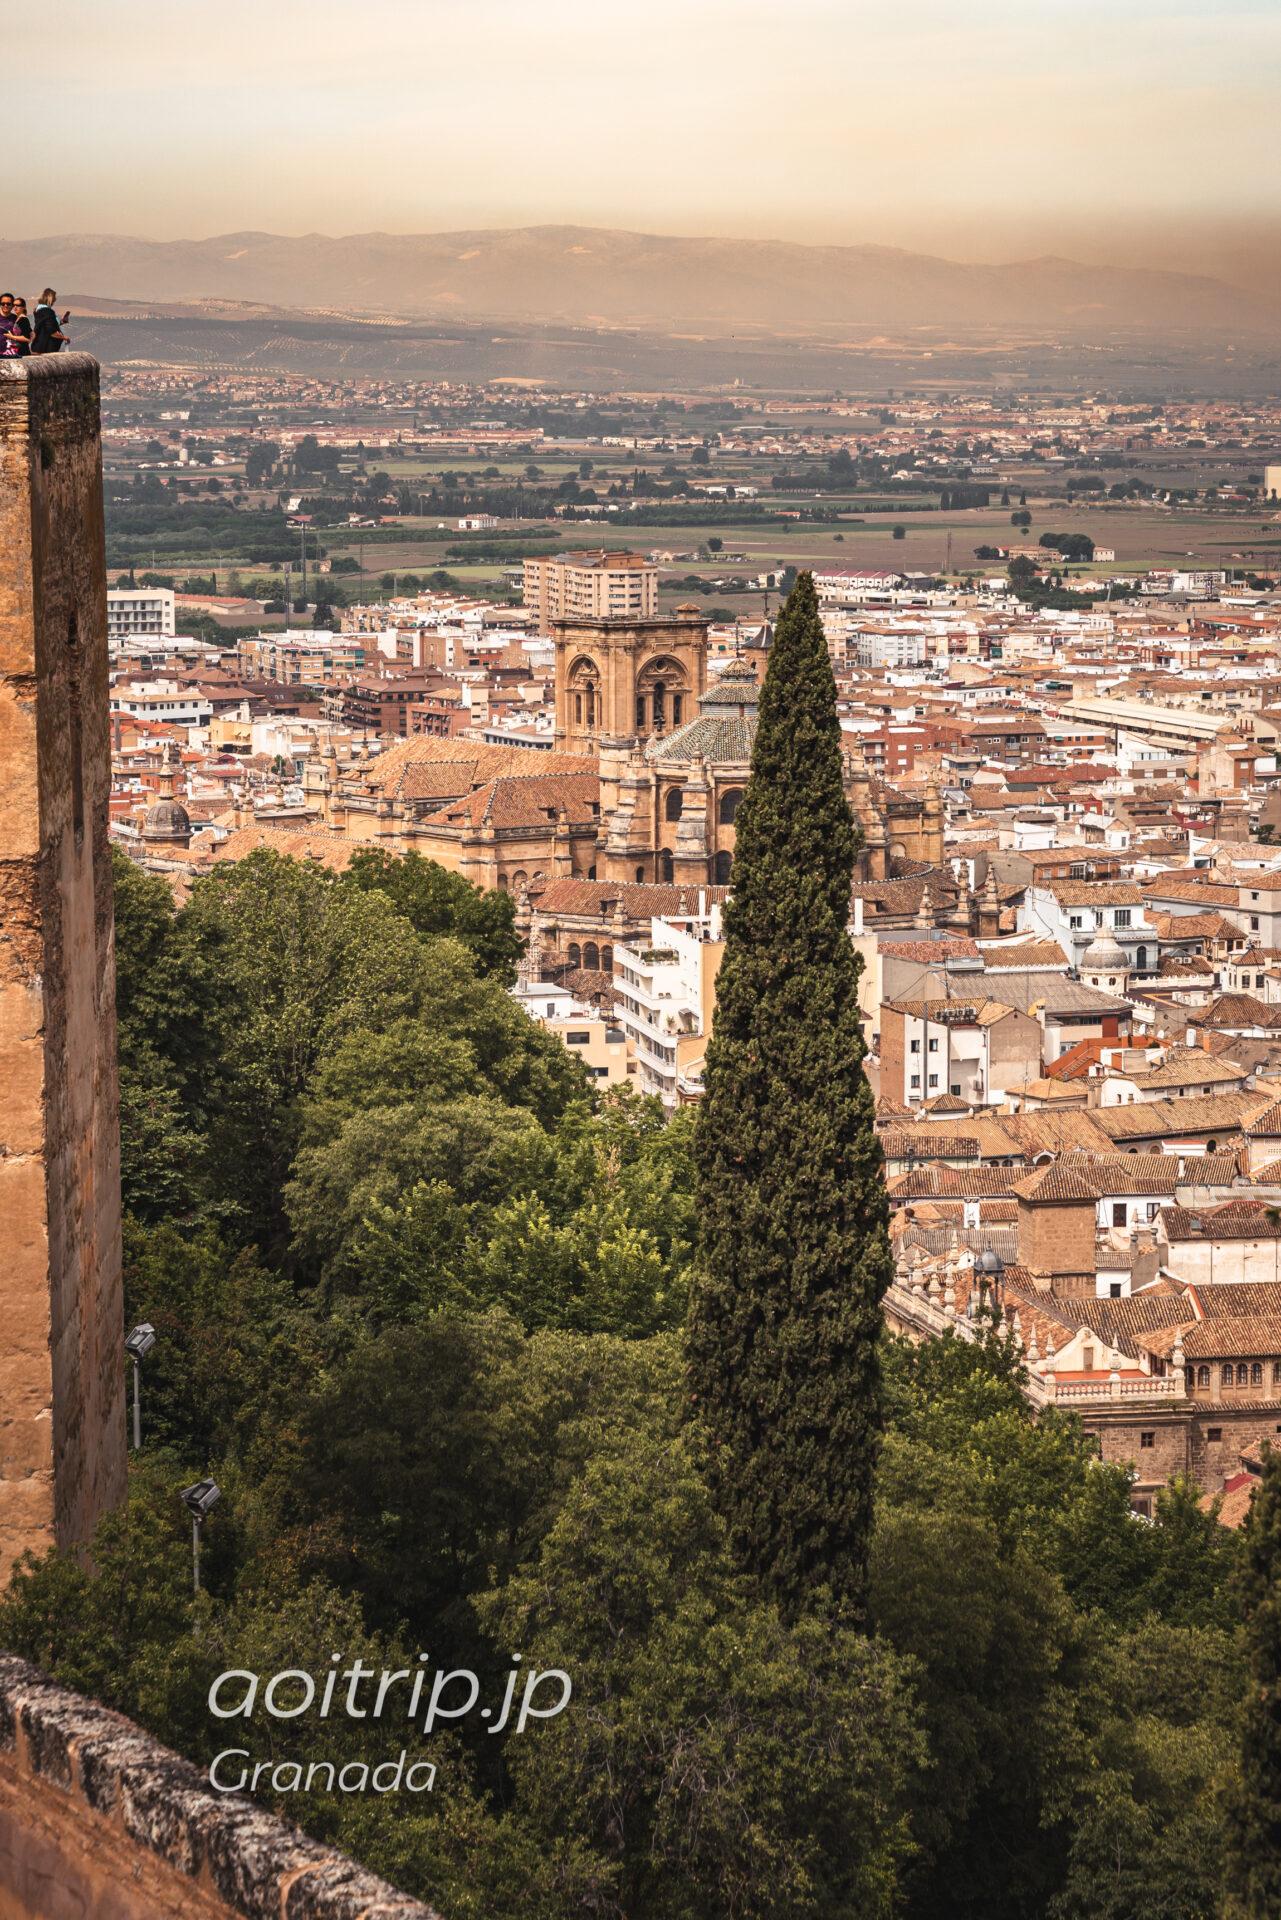 アルハンブラ宮殿のアルカサバから望むグラナダ大聖堂